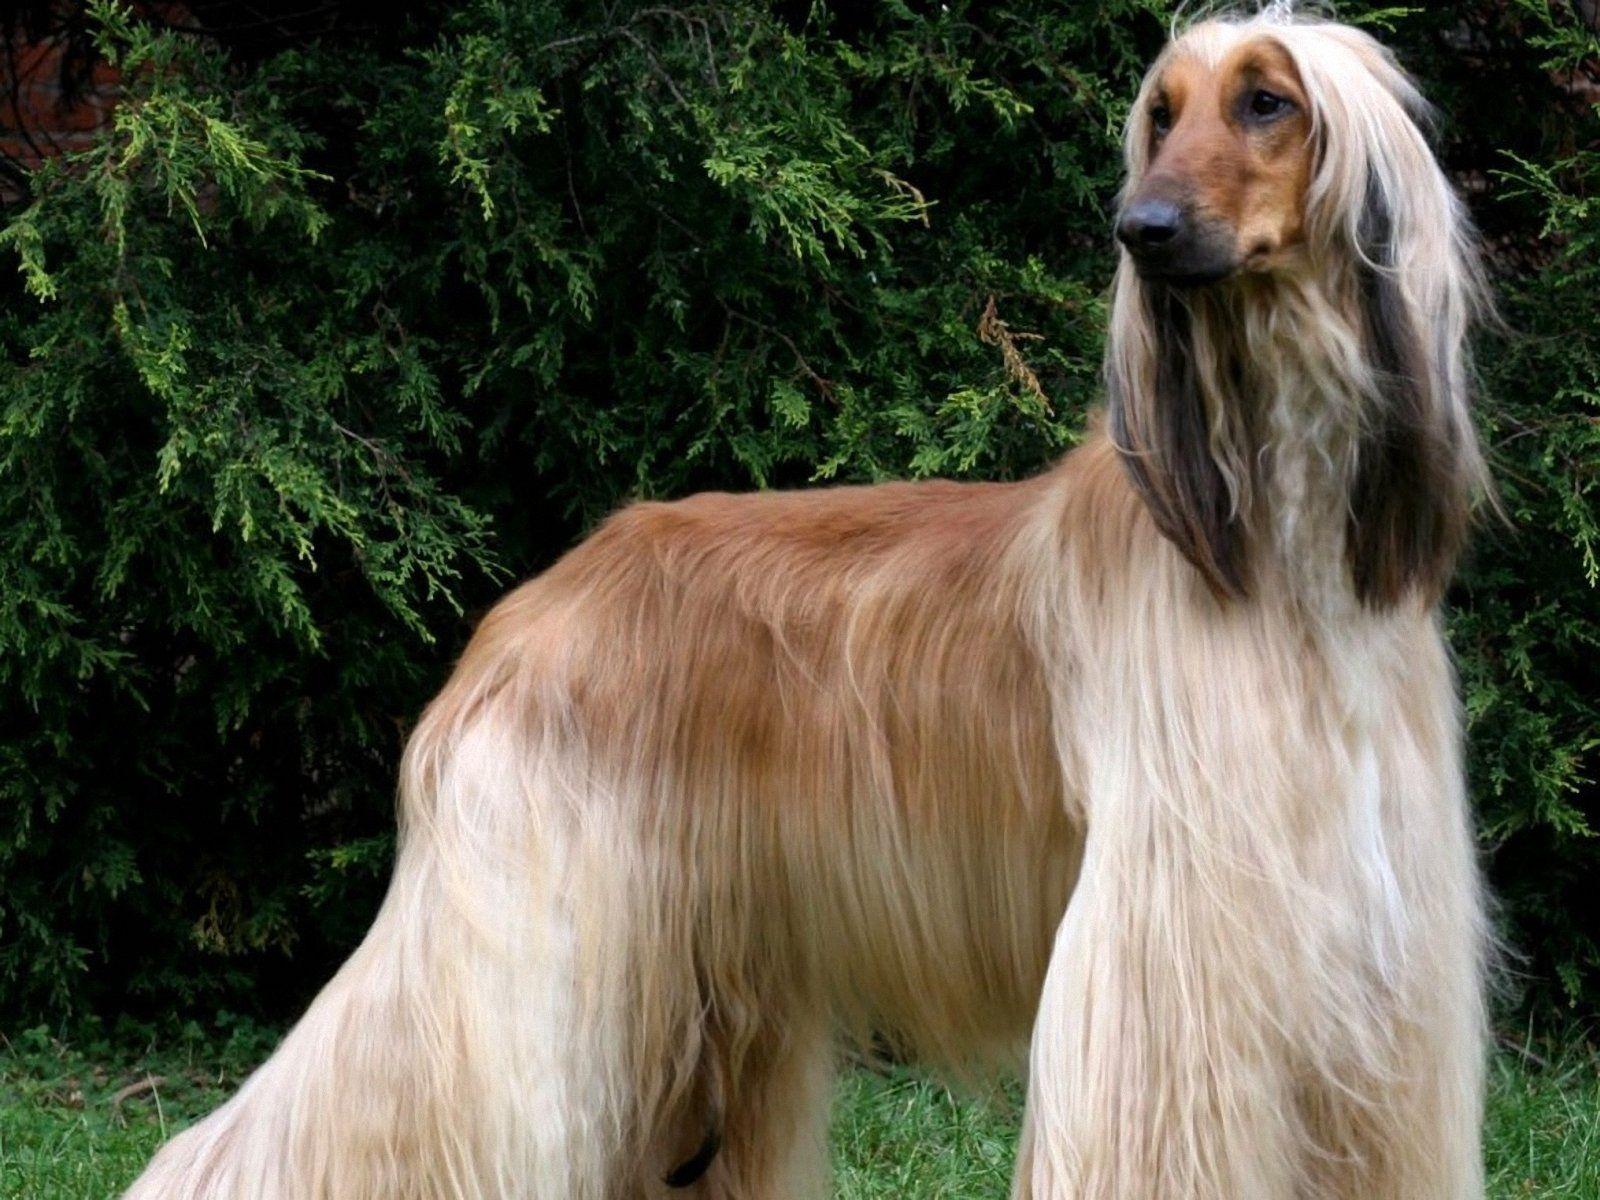 Top 10 Dumbest Dog Breeds Afghan Hound Hound Breeds Dog Breeds